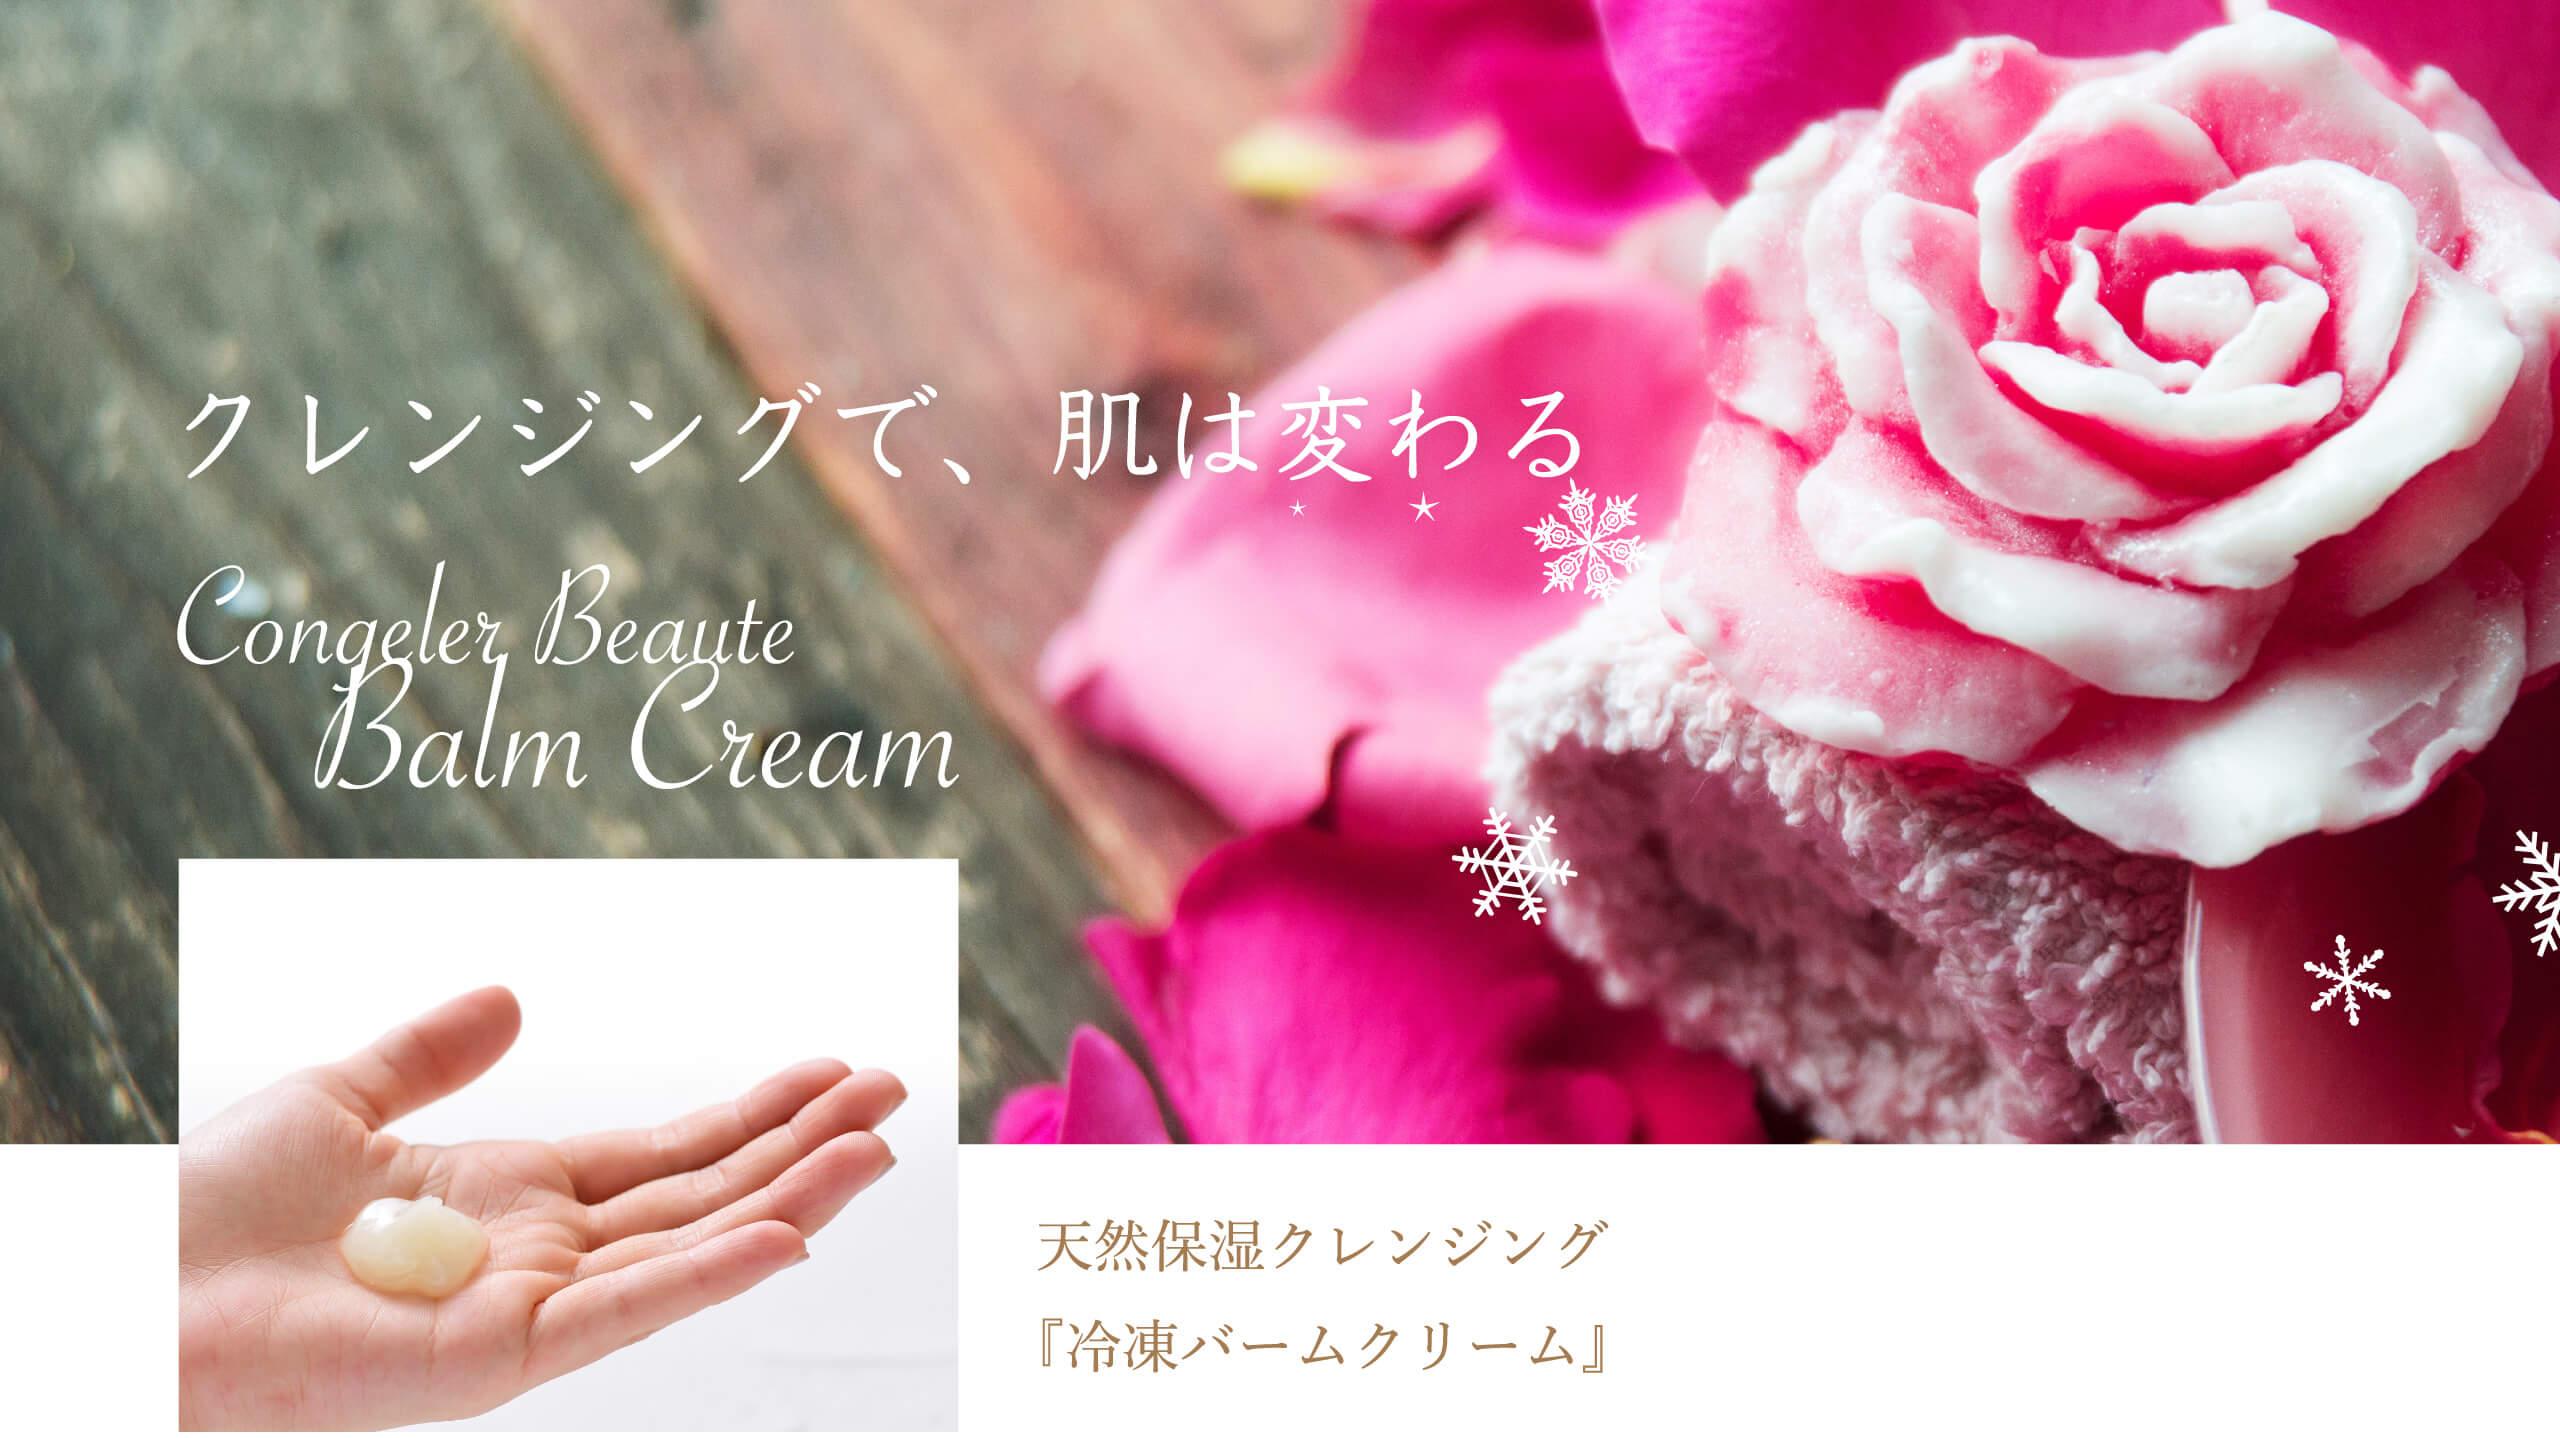 クレンジングで肌は変わる 冷凍コスメ Balm Cream